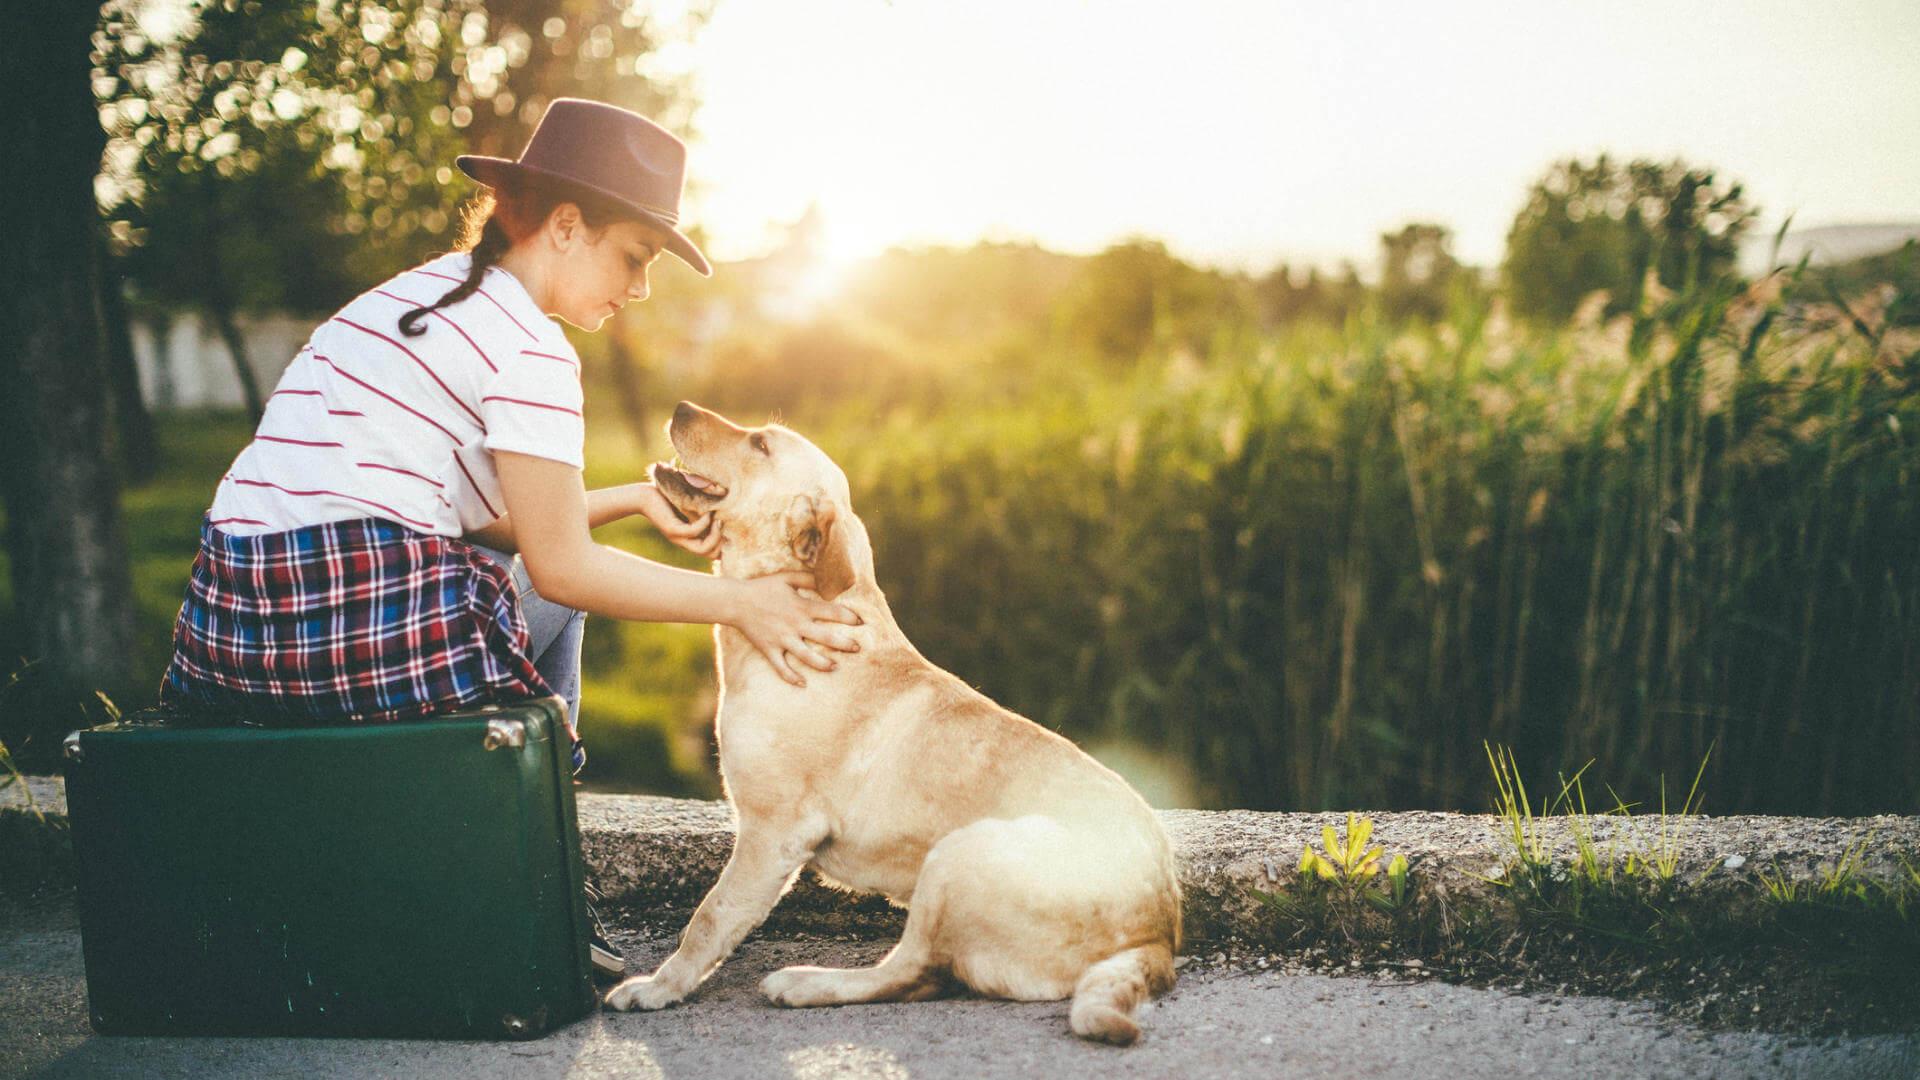 joven viajando con perro